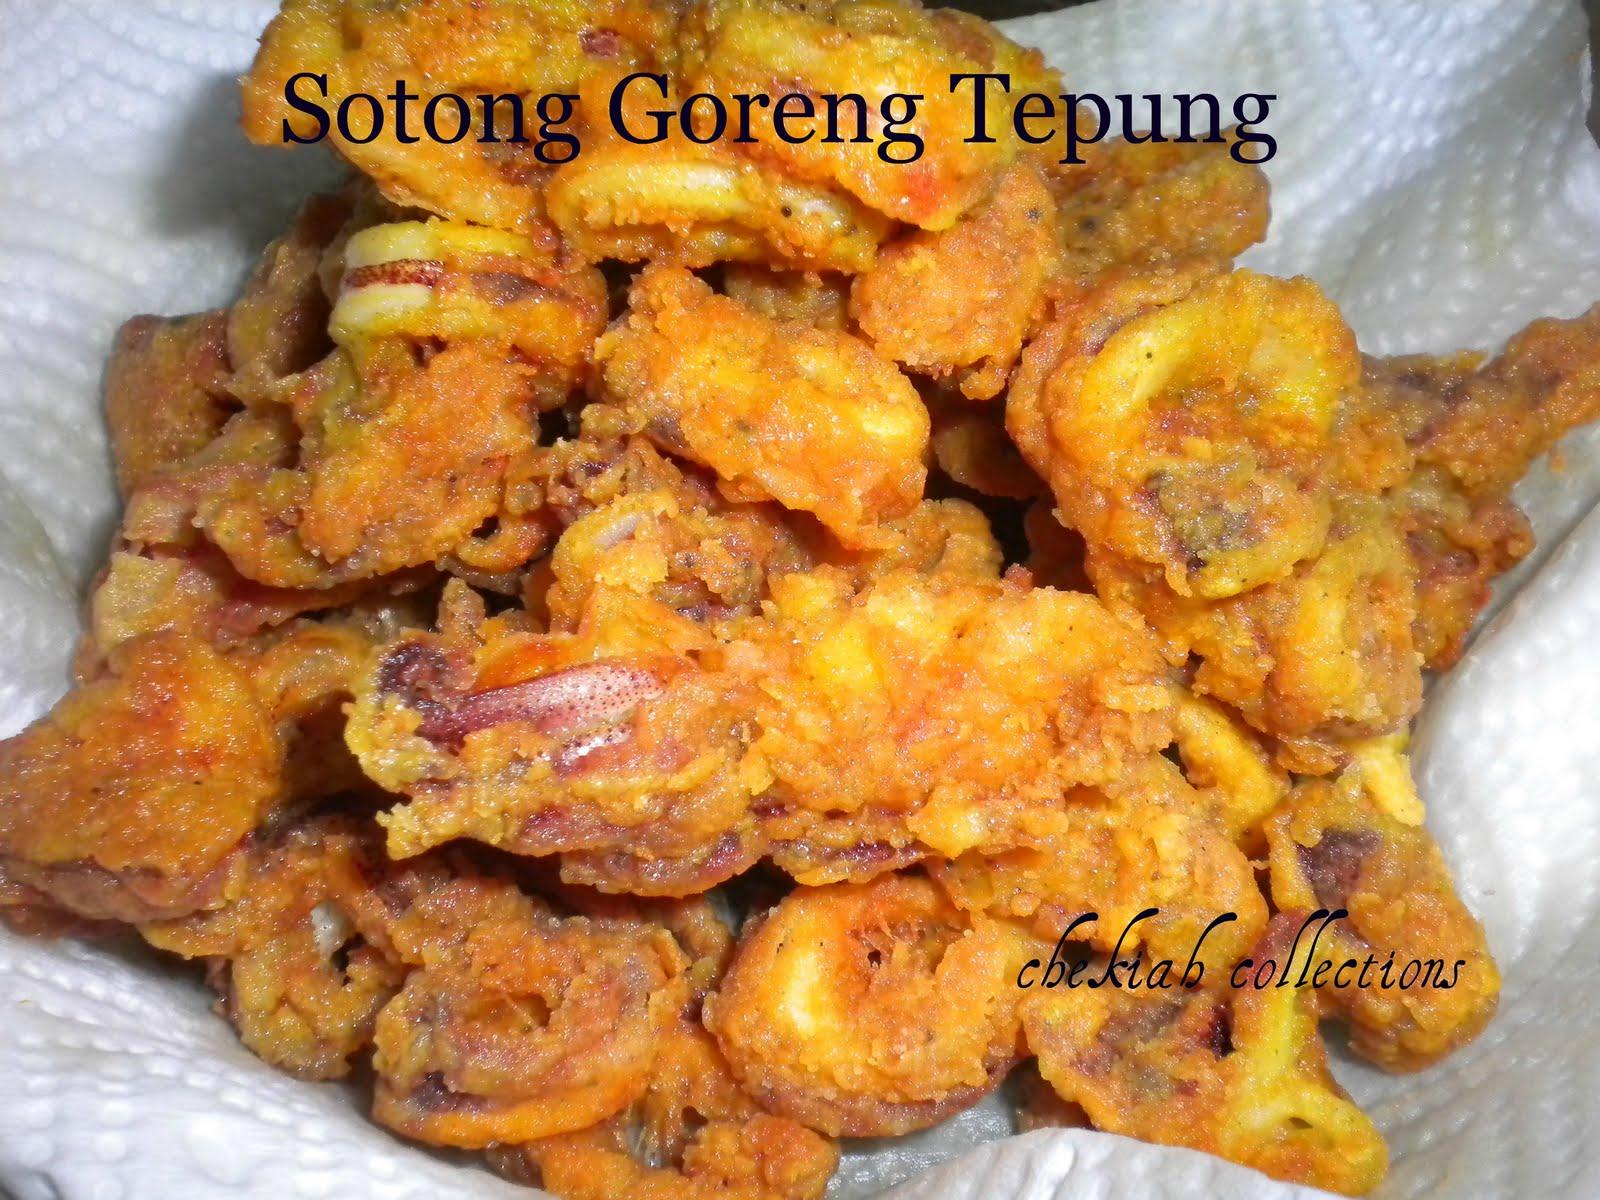 SOTONG GORENG TEPUNG